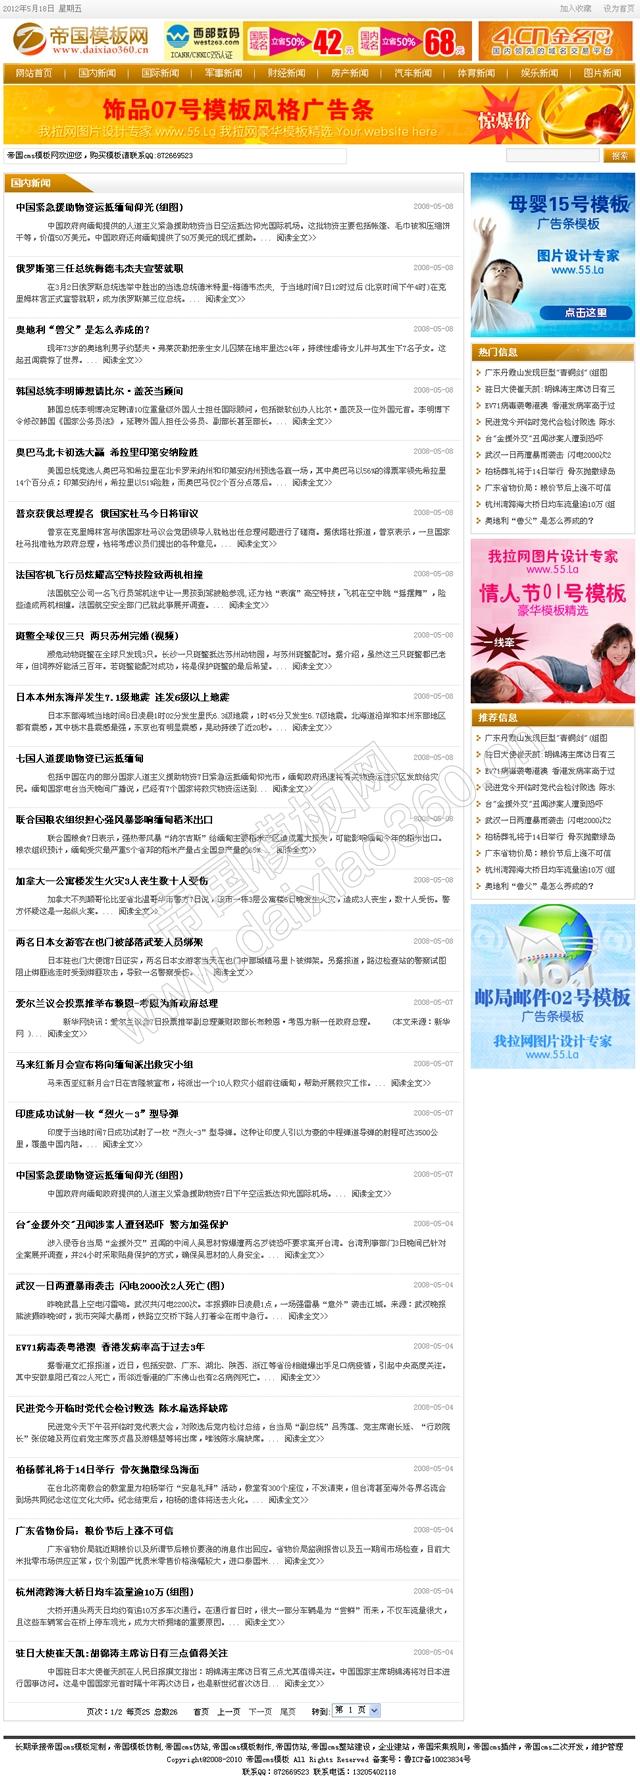 帝国cms橙色大气资讯新闻文章模板_文章列表